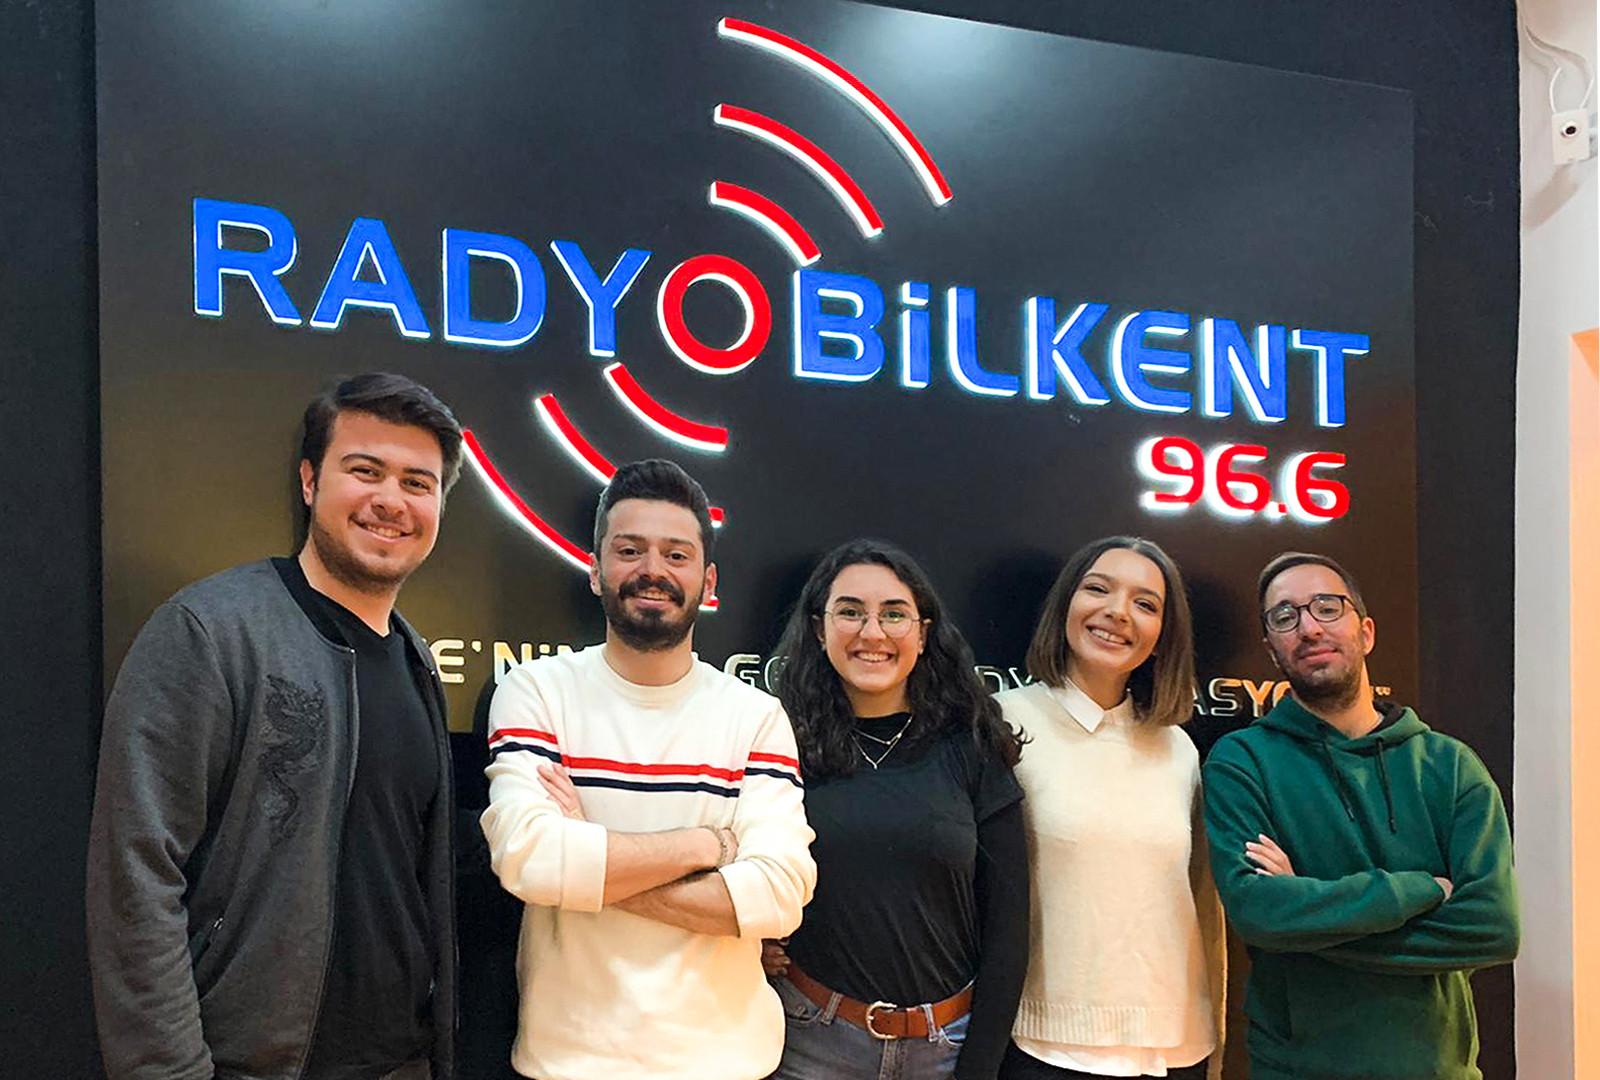 Radyo Bilkent.jpg